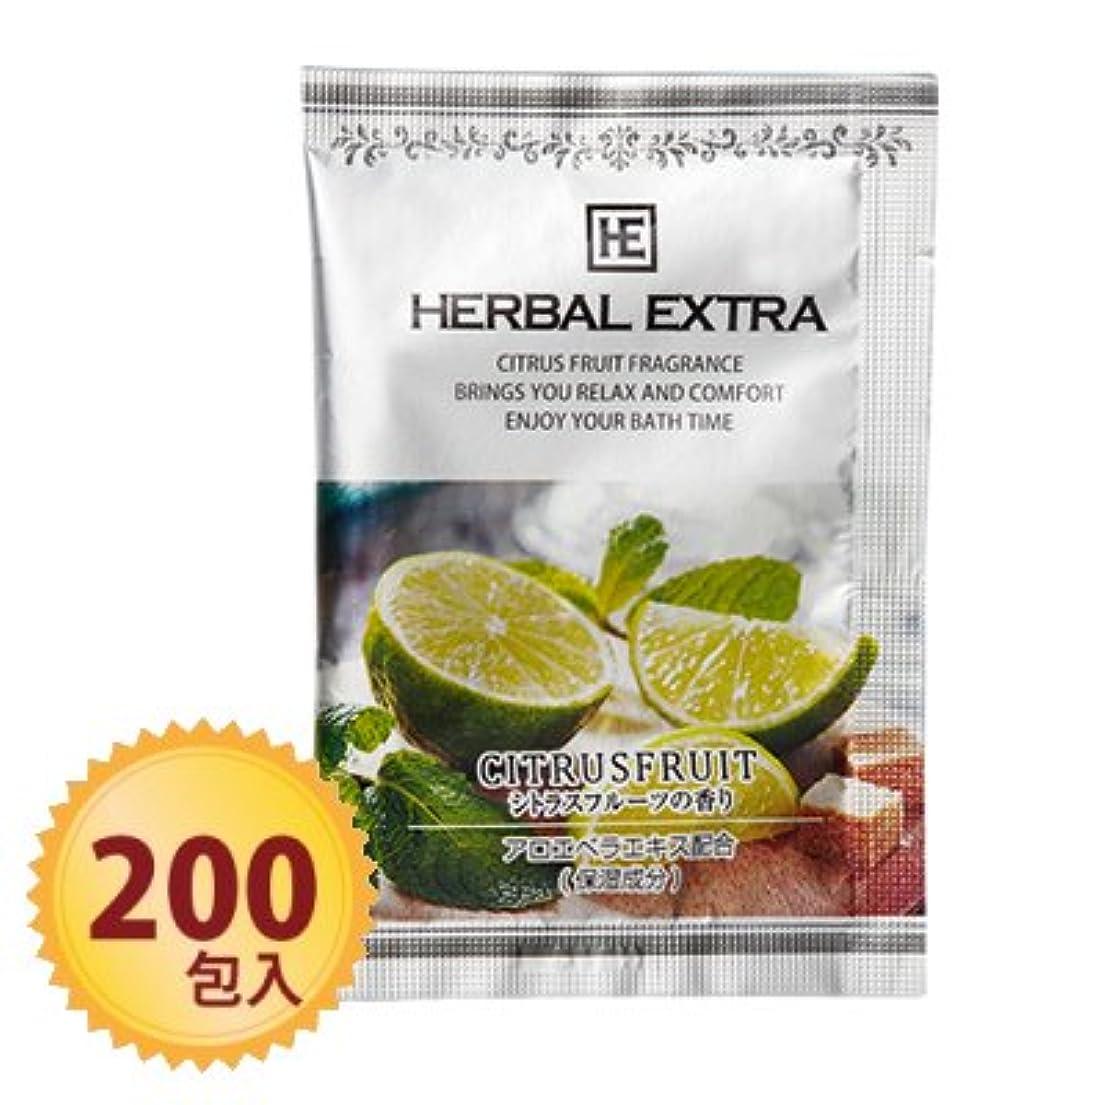 承認鮫ベジタリアンハーバルエクストラBS シトラスフルーツの香り 20g×200個